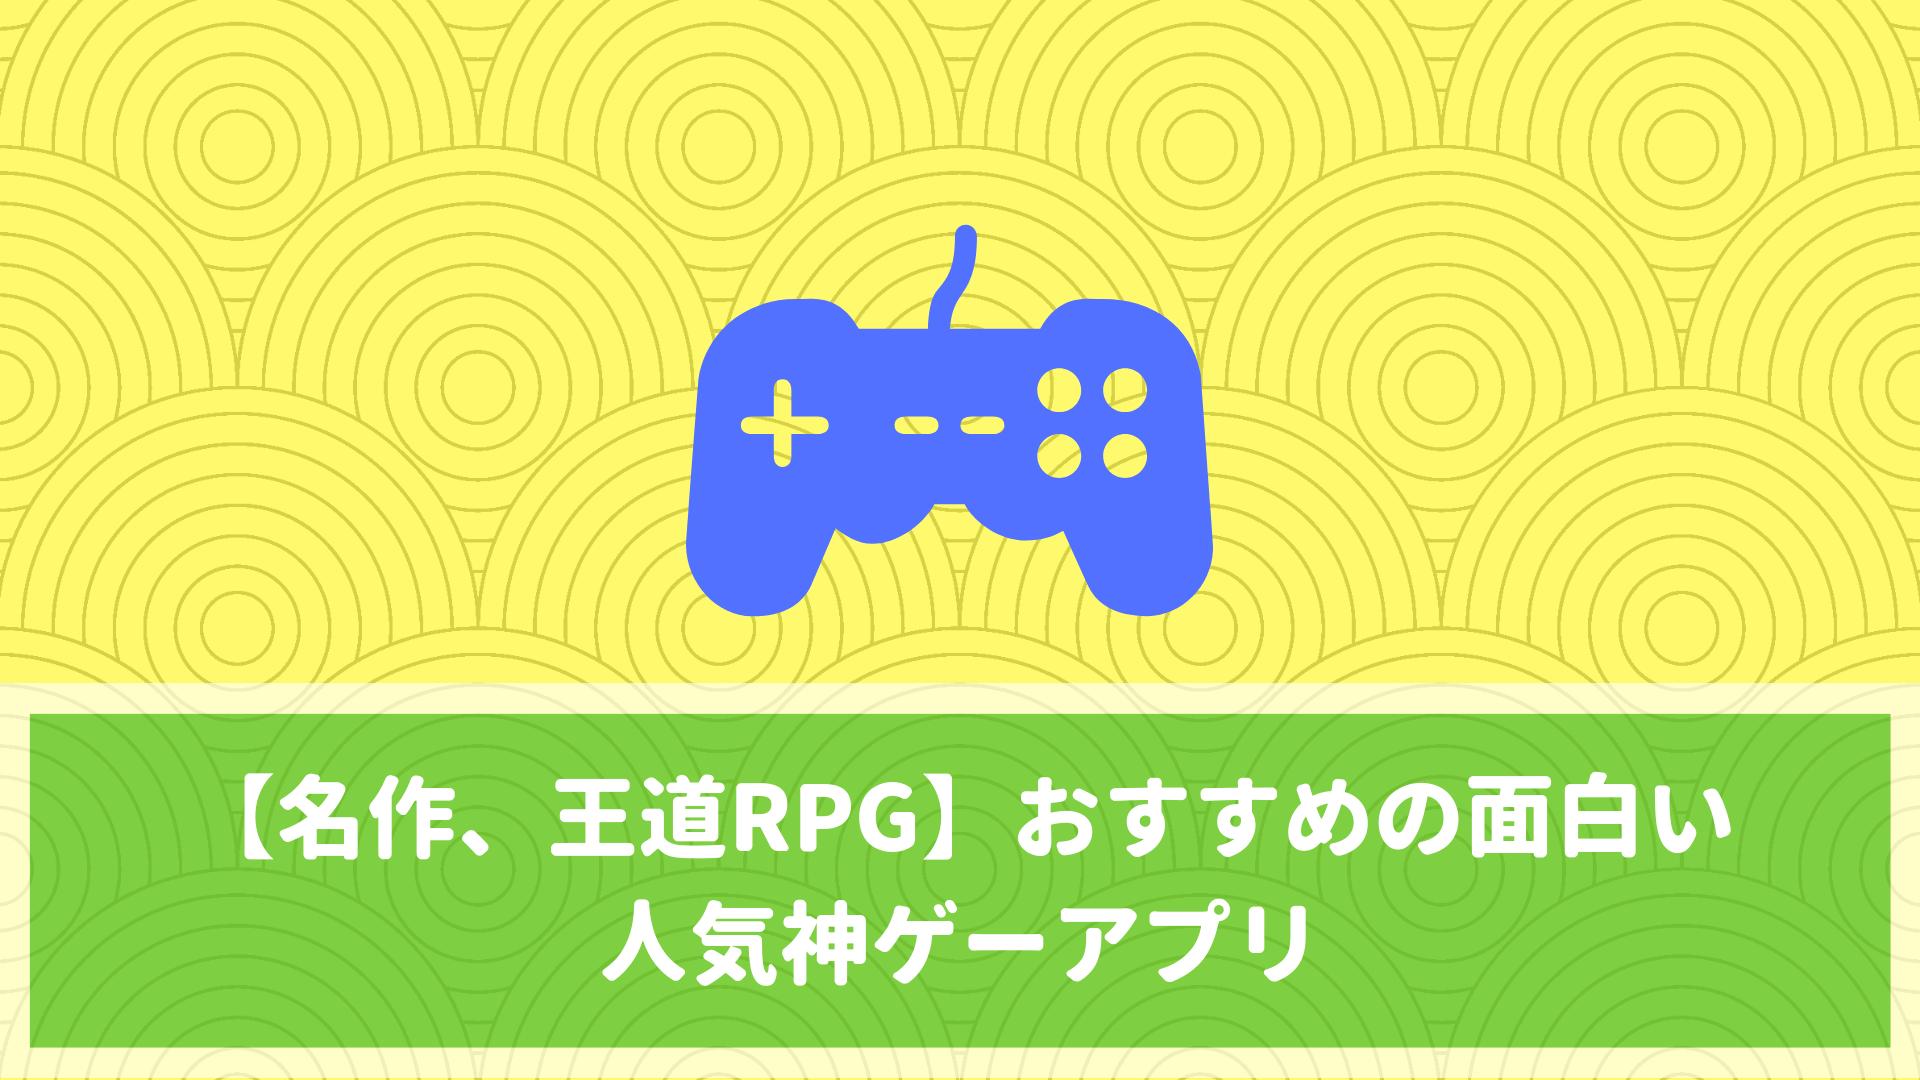 【名作、王道RPG】おすすめの面白い人気神ゲーアプリをまとめて紹介【無料】